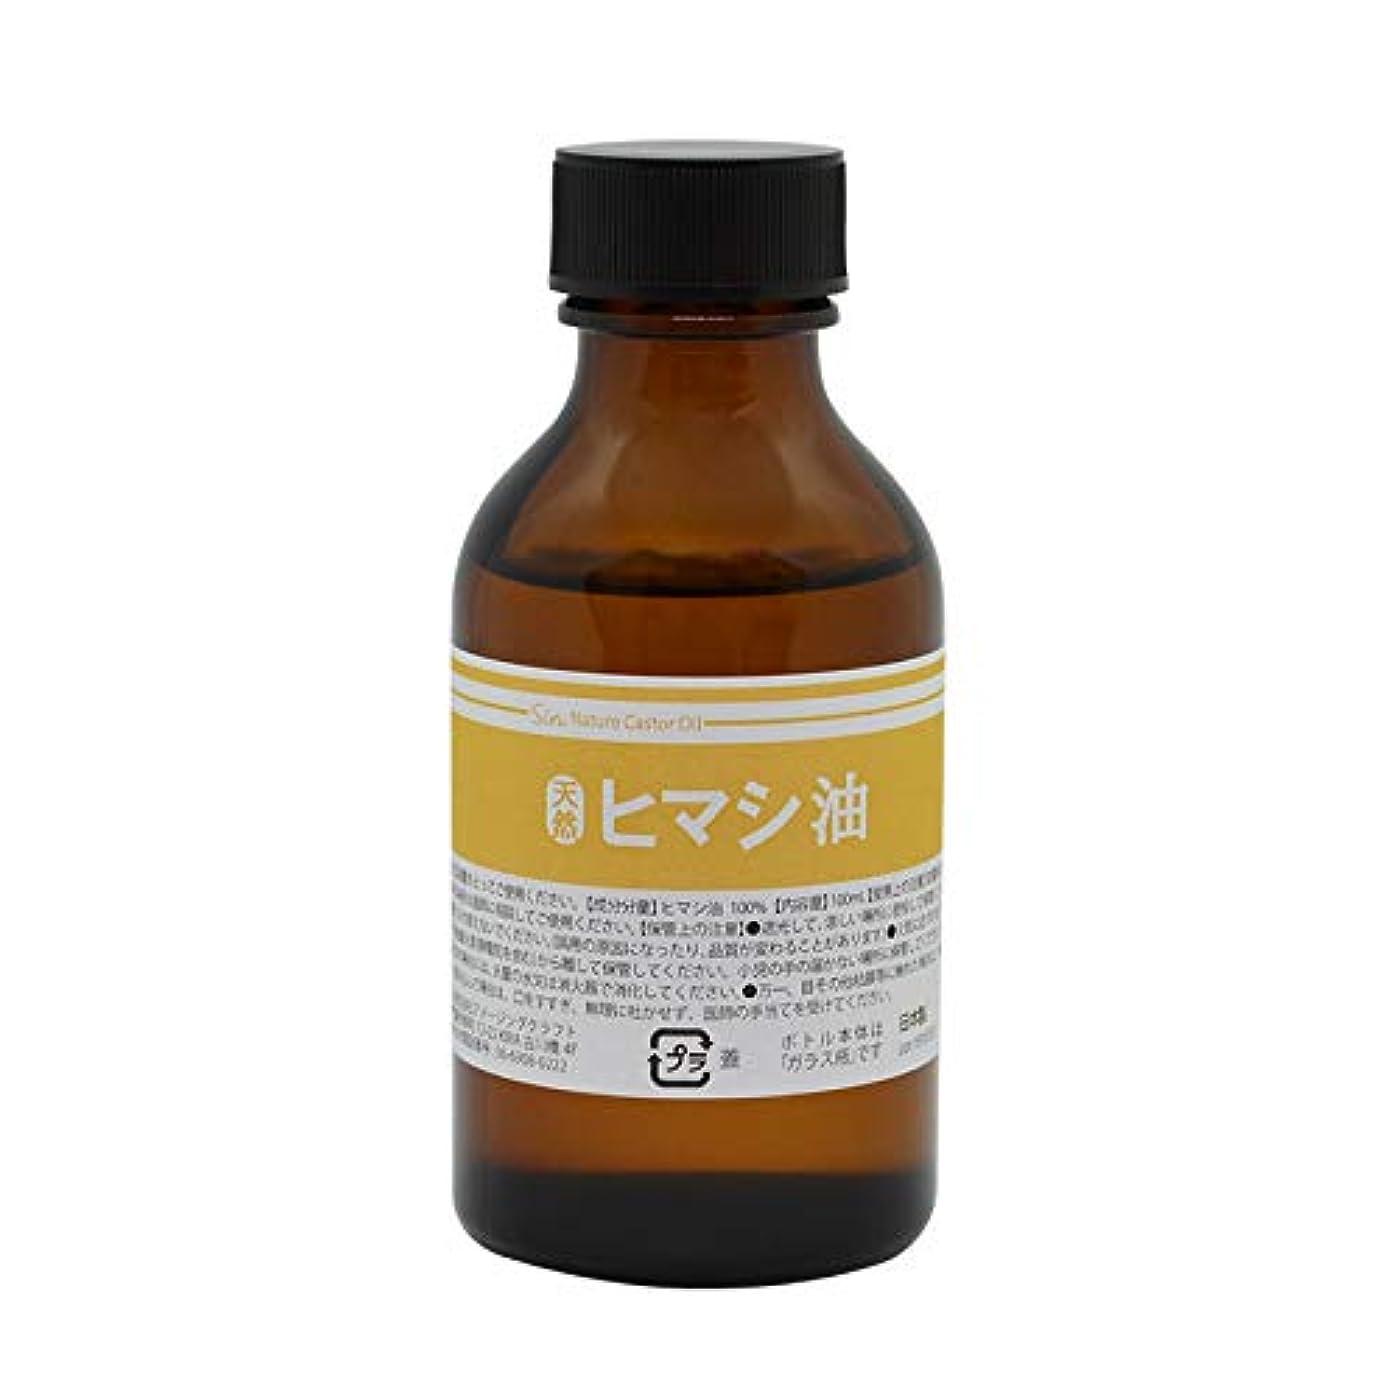 留め金医薬からに変化する天然無添加 国内精製ひまし油 (キャスターオイル) 100ml